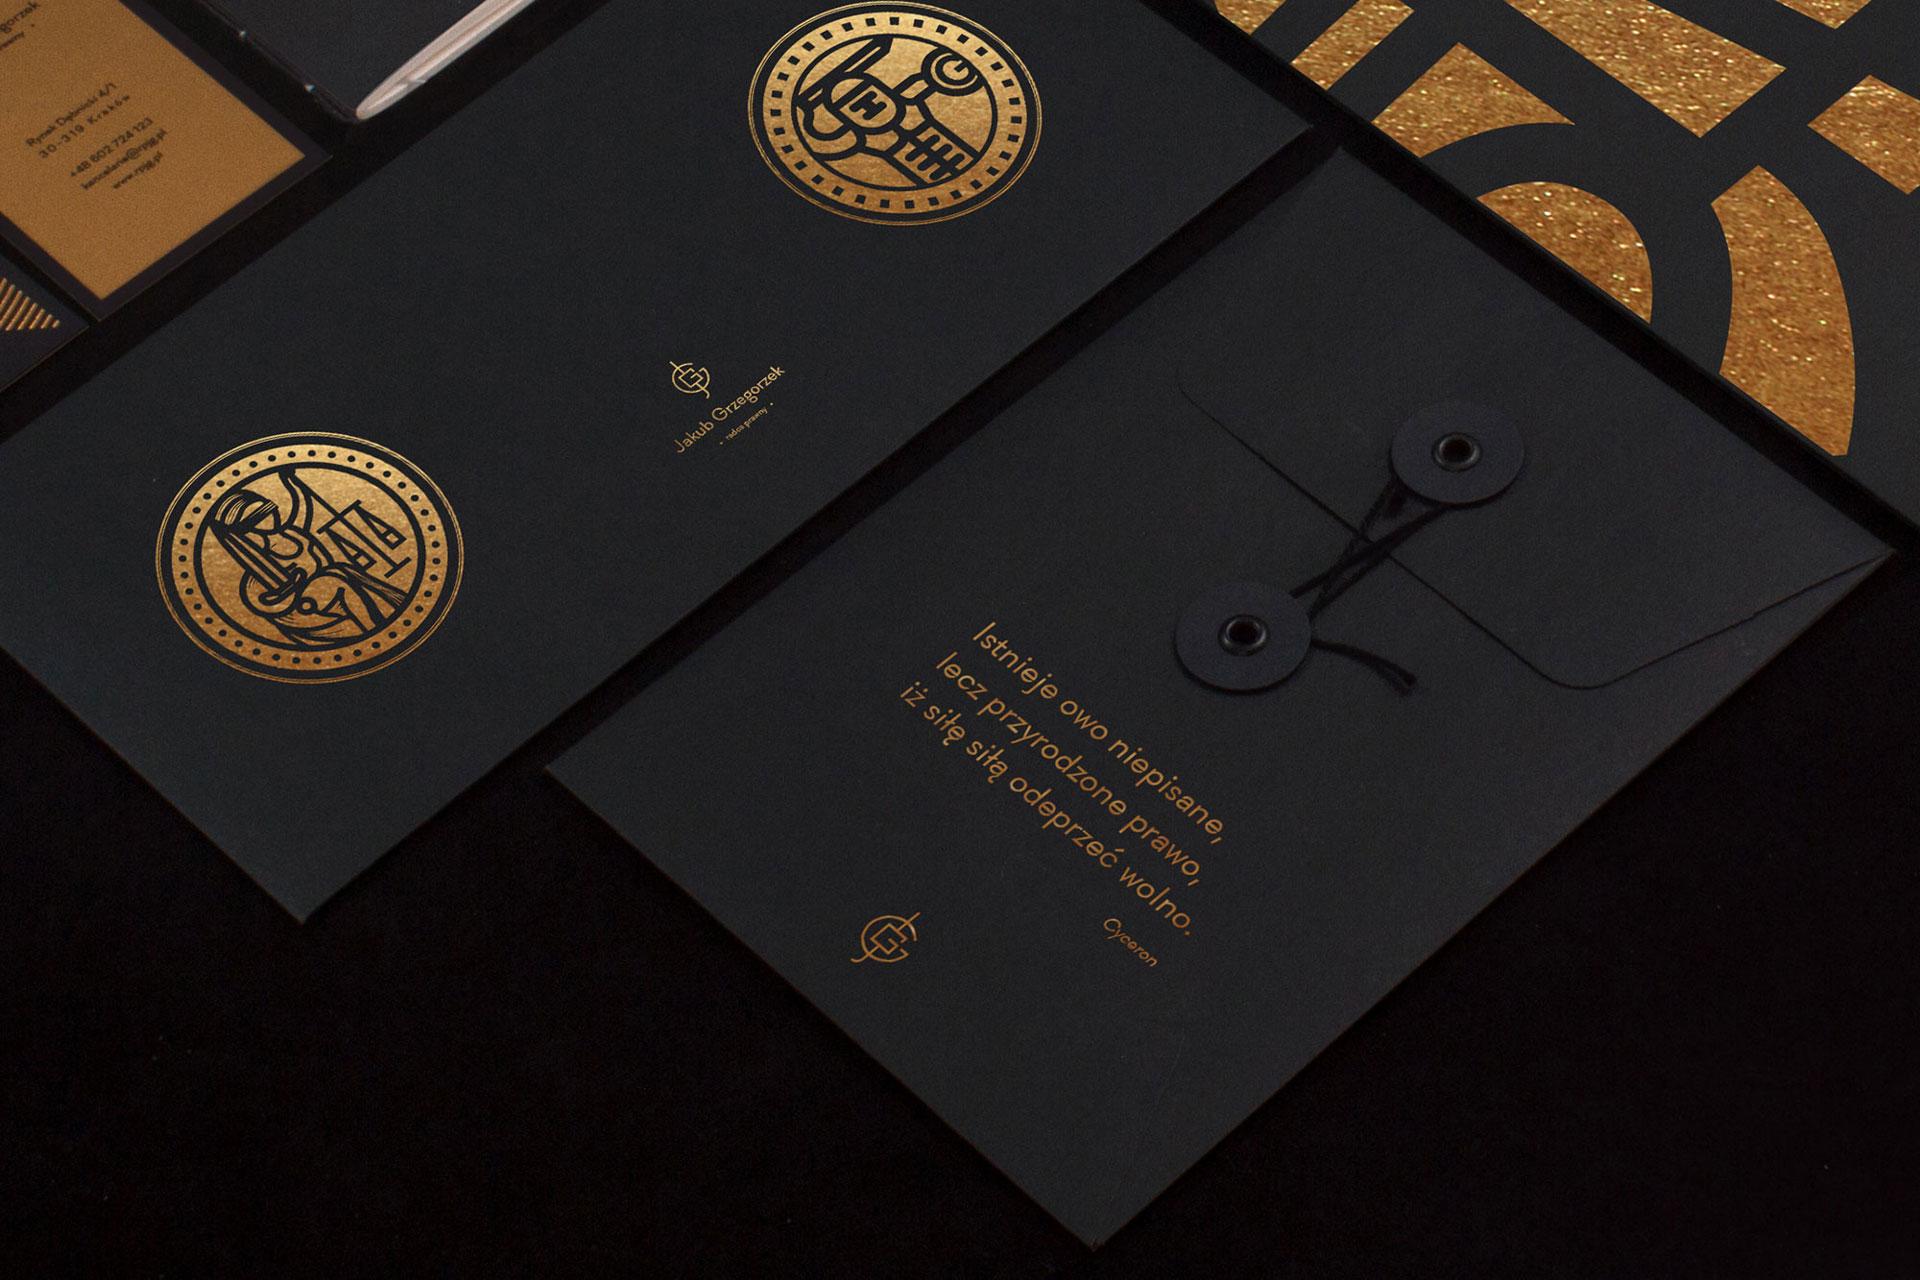 Jakub Grzegorzek Radca Prawny Personal Branding (7)